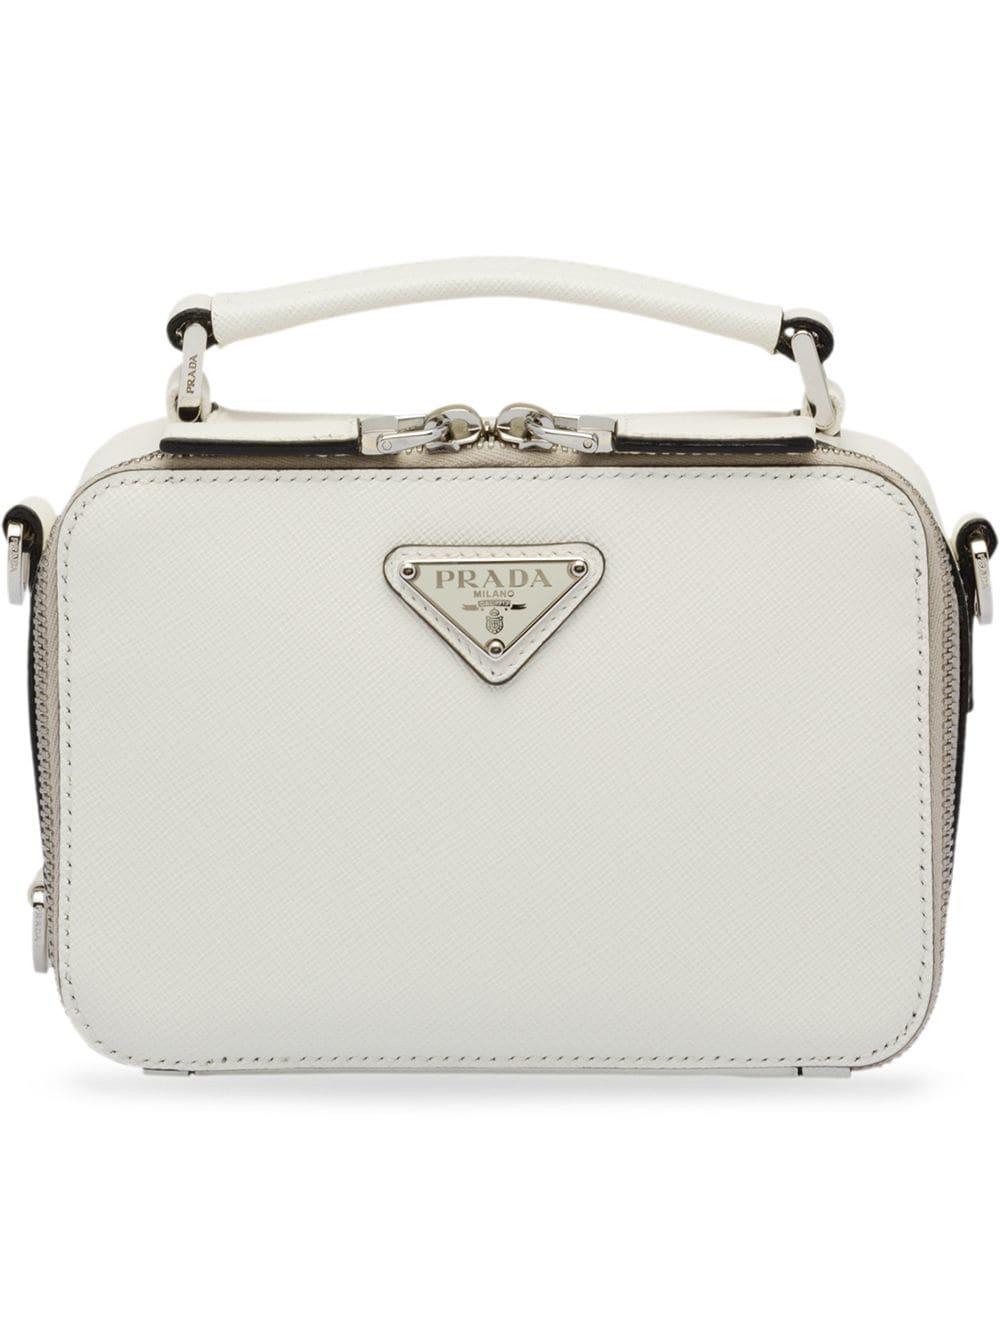 5d4d6d6173 Prada Saffiano Leather Shoulder Bag - White